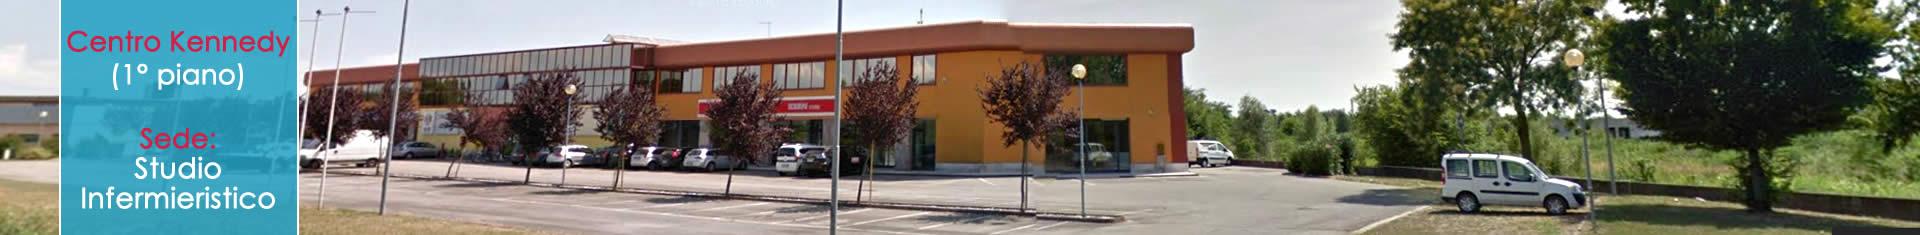 Banner-grande-esterno-Centro-Kennedy-Fossalta-di-Portogruaro-sede-Studio-Infermieristico-di-Maria-Lentini